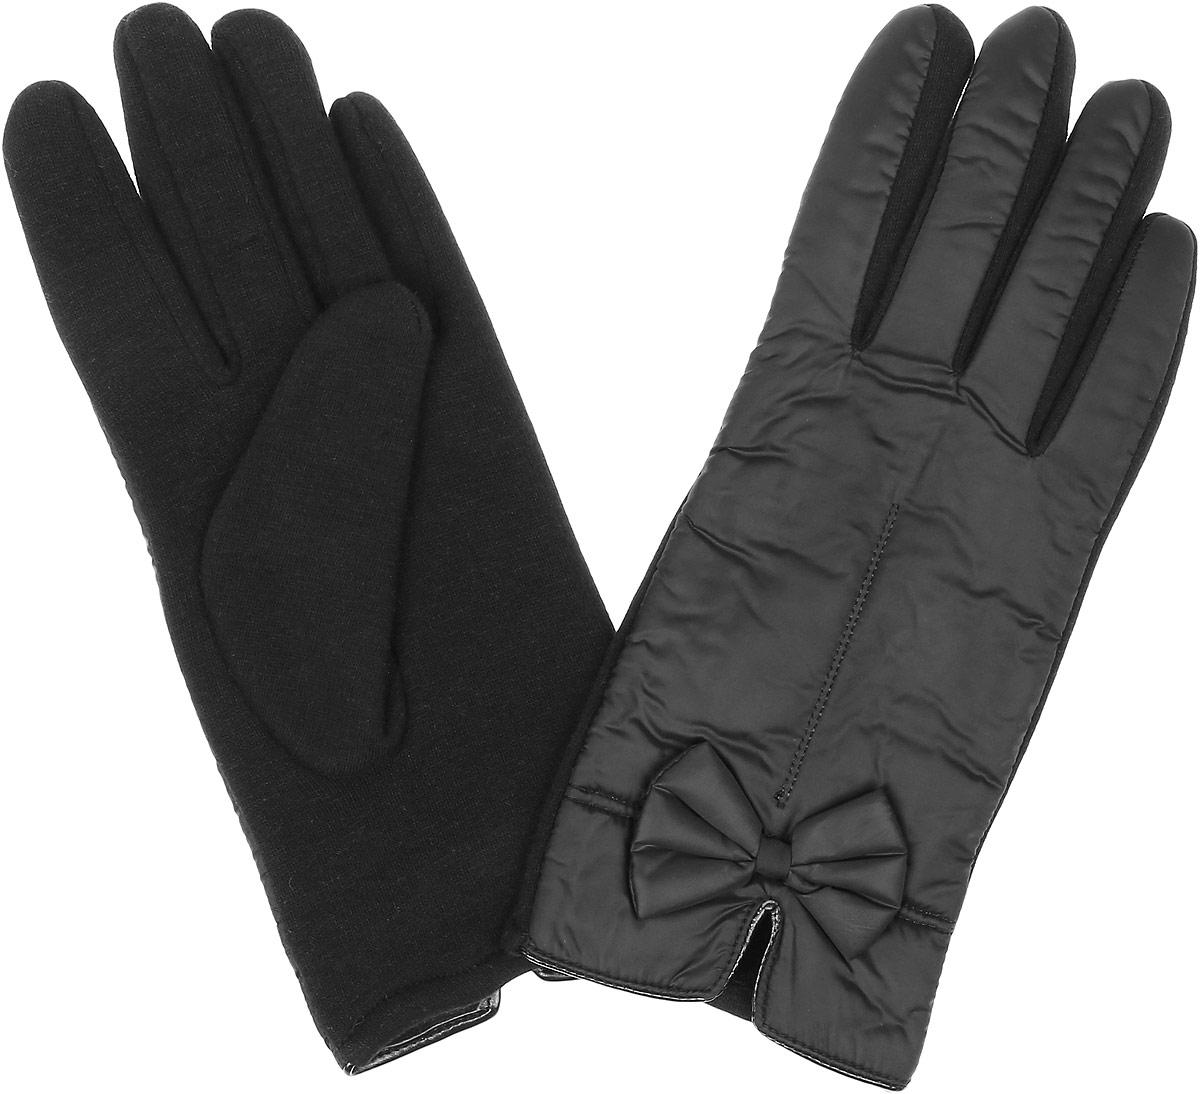 Перчатки женские Finn Flare, цвет: черный. W16-11305_200. Размер 6W16-11305_200Стильные женские перчатки Finn Flare изготовленные из высококачественных материалов на подкладке из полиэстера, станут идеальным вариантом для прохладной погоды. Они хорошо сохраняют тепло, мягкие, идеально сидят на руке и отлично тянутся. Перчатки оформлены отстрочками и небольшими декоративными бантиками.